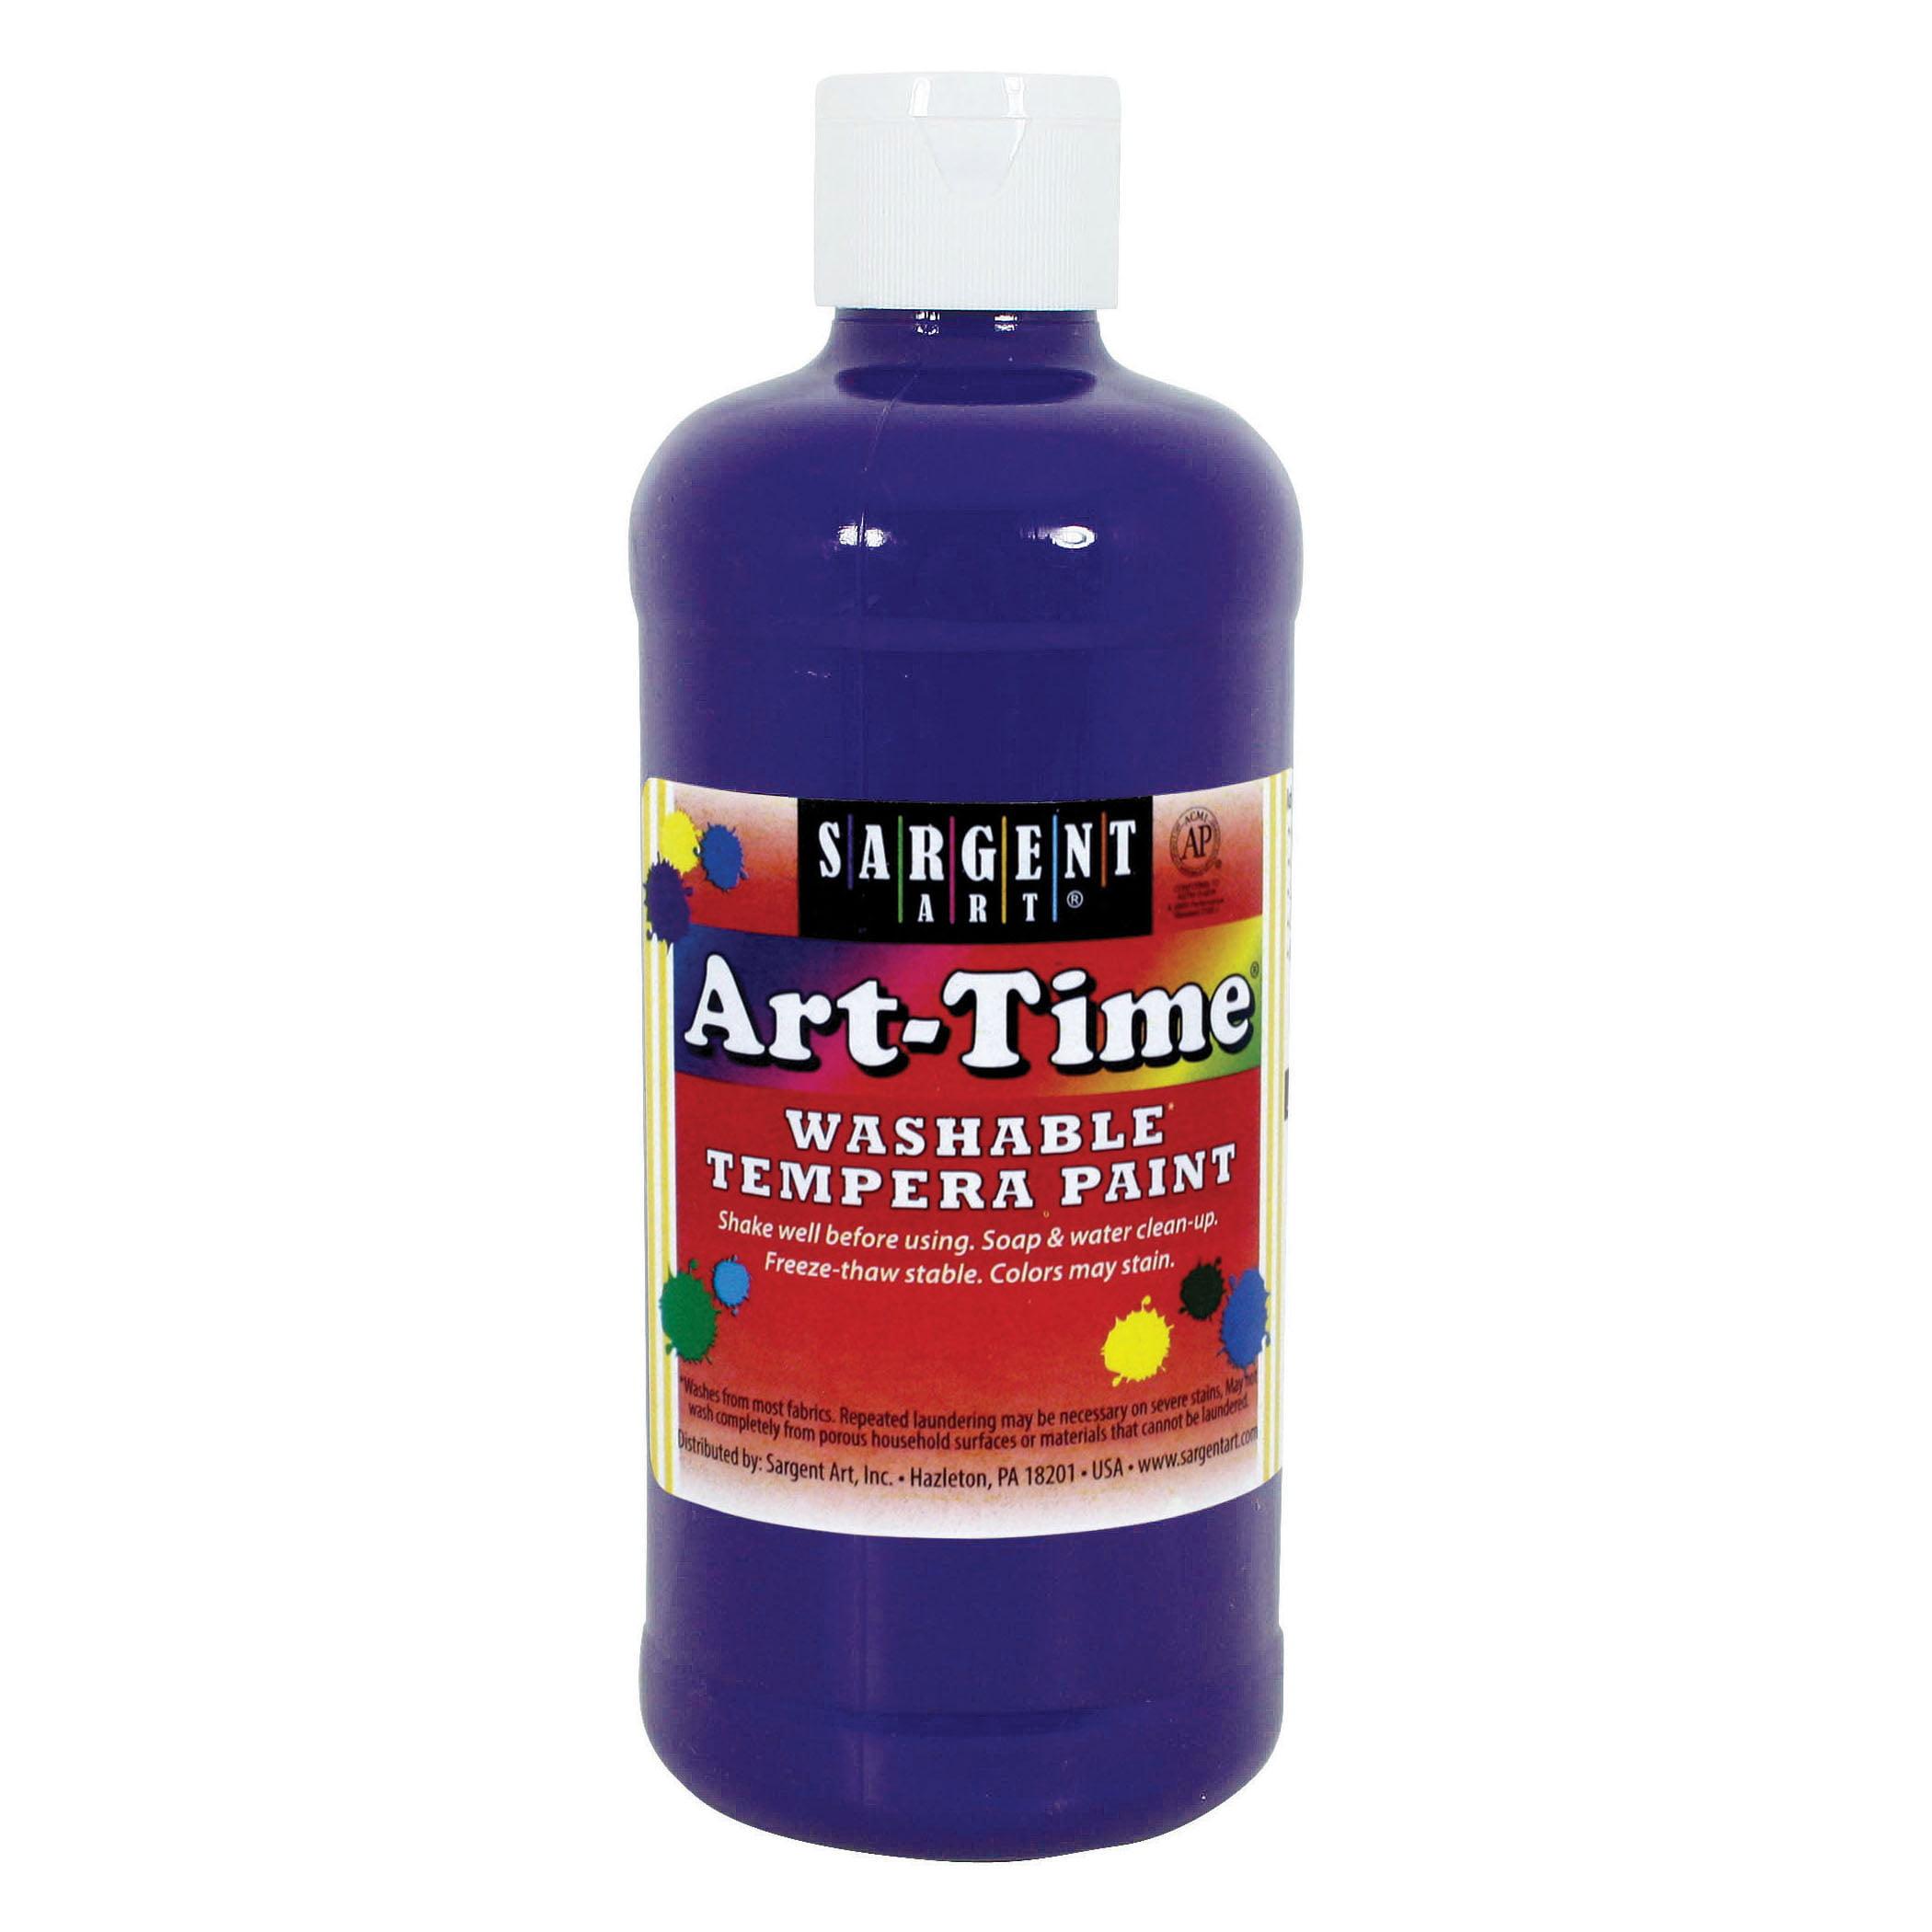 Sargent Art® Art-Time Washable Paint, 16 oz., Violet, 12/Pack